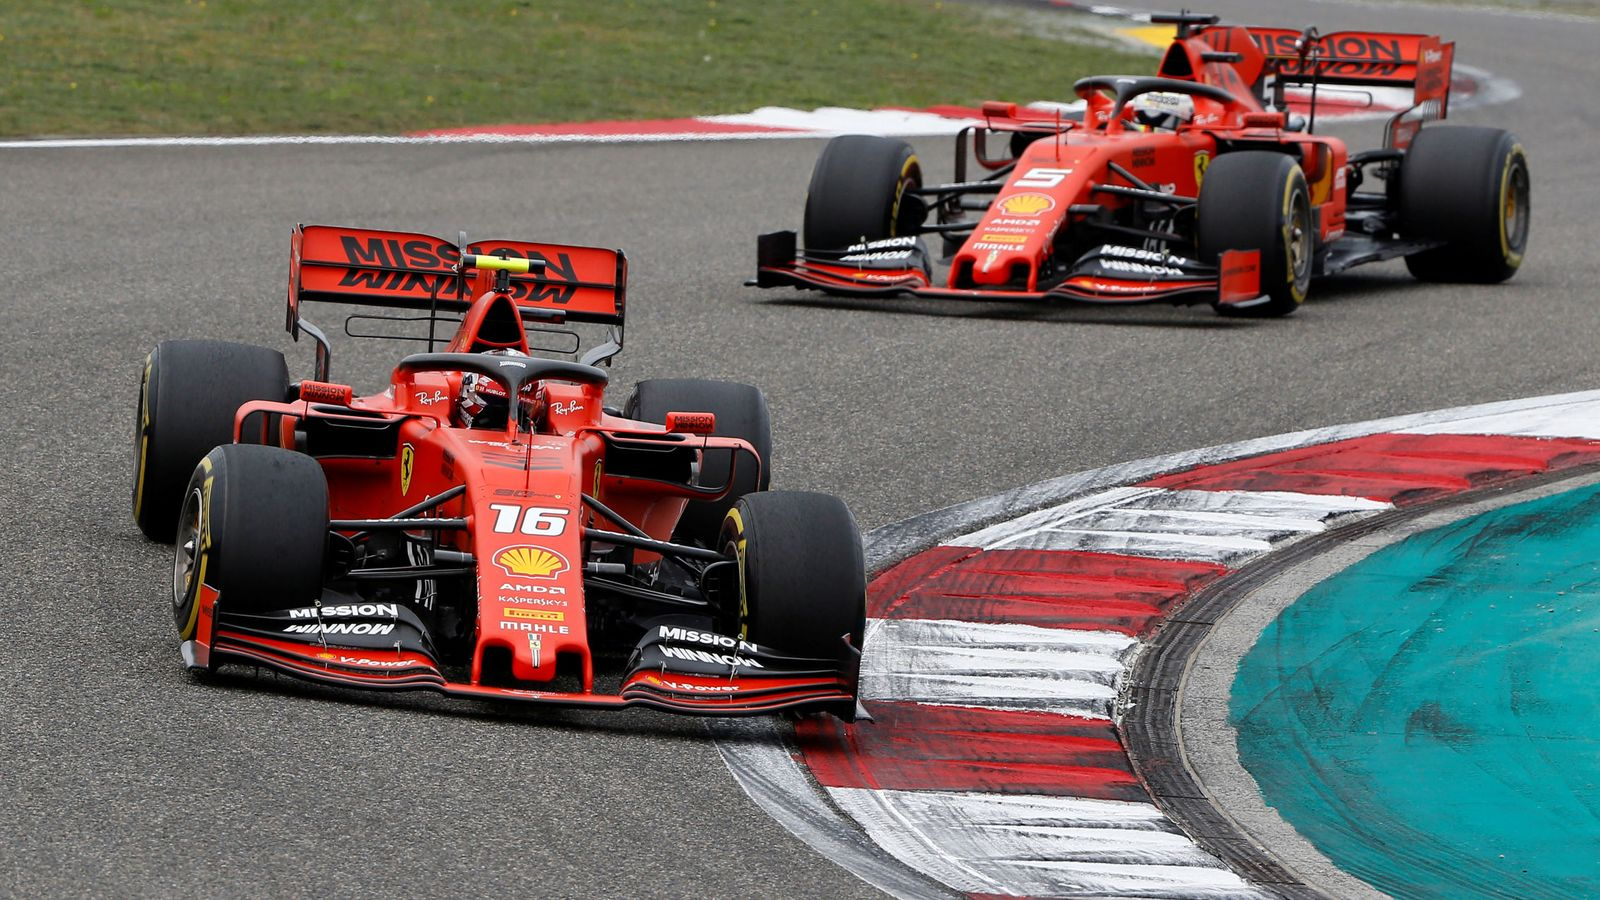 Foto: Ferrari ordenó a Leclerc dejar pasar a Vettel en el Gran Premio de China. (Reuters)